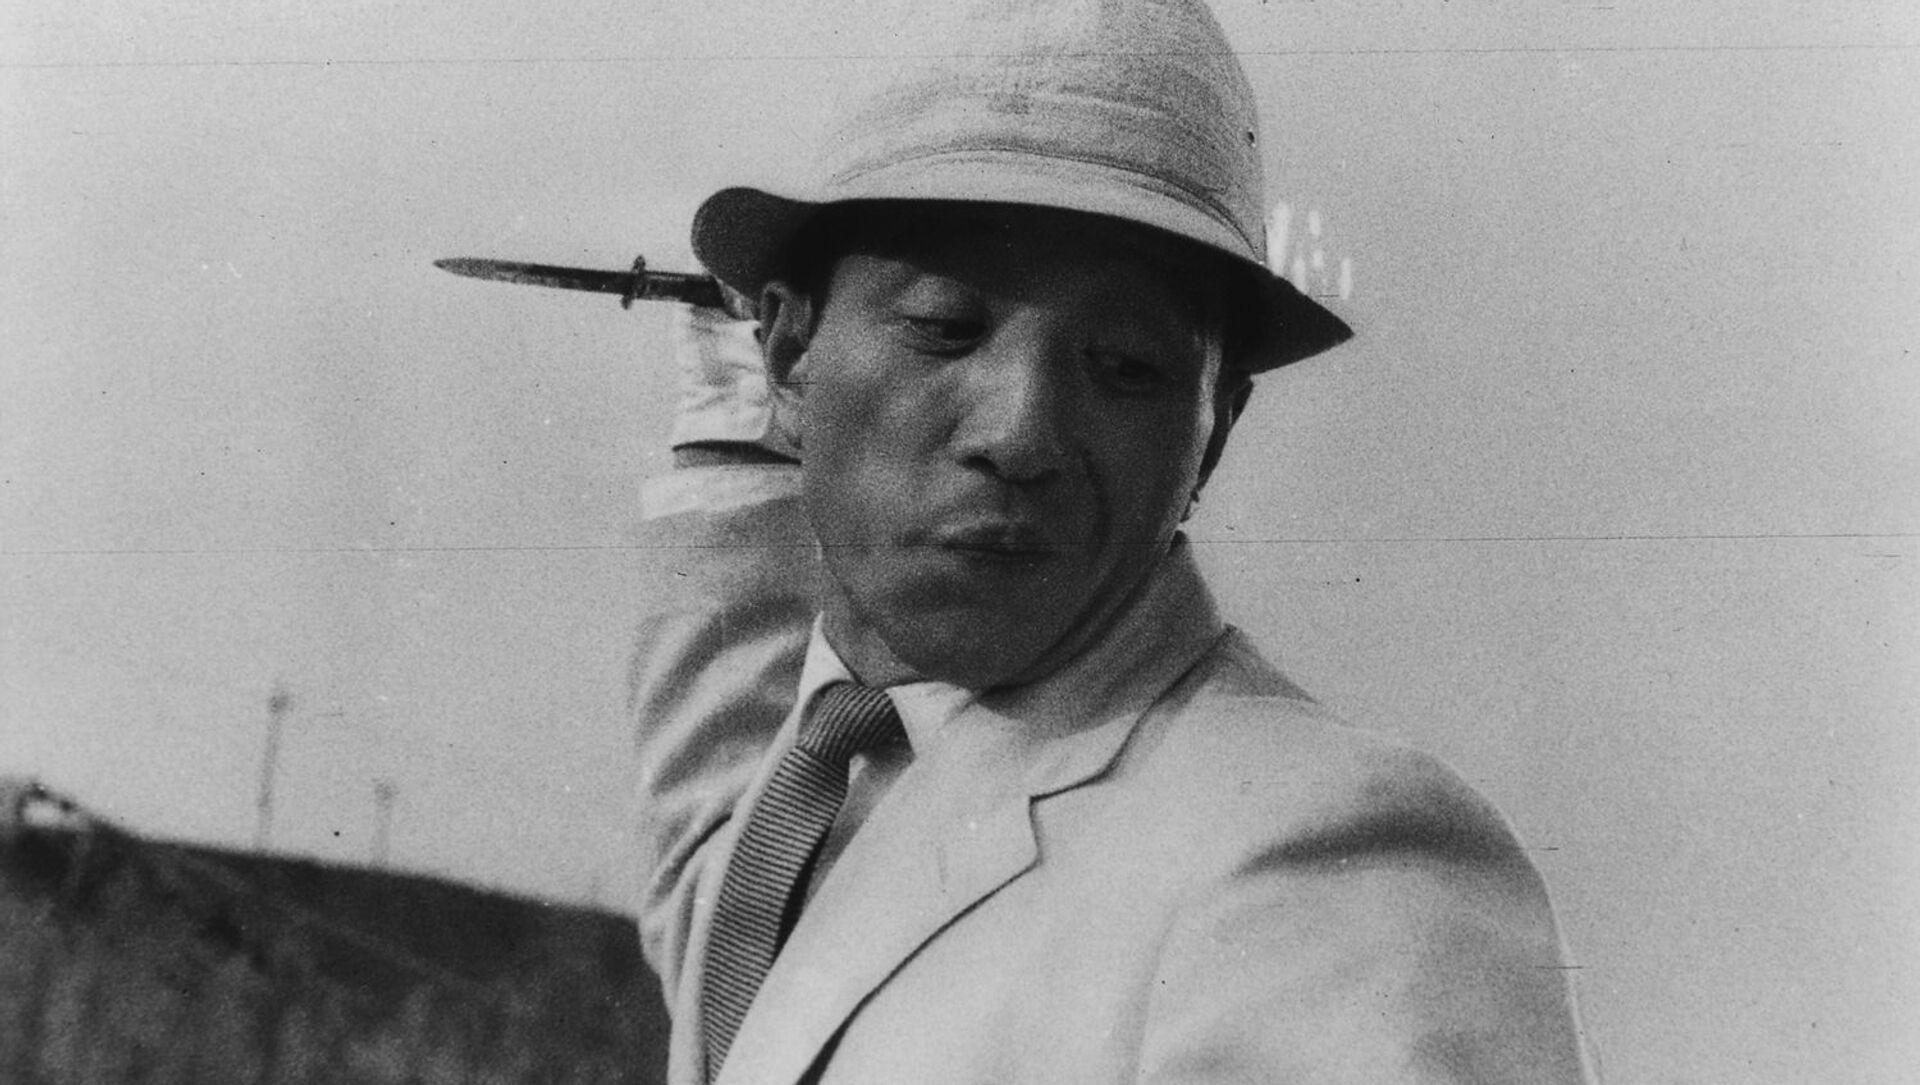 映画『おとし穴』に出演する田中邦衛氏。 - Sputnik 日本, 1920, 02.04.2021